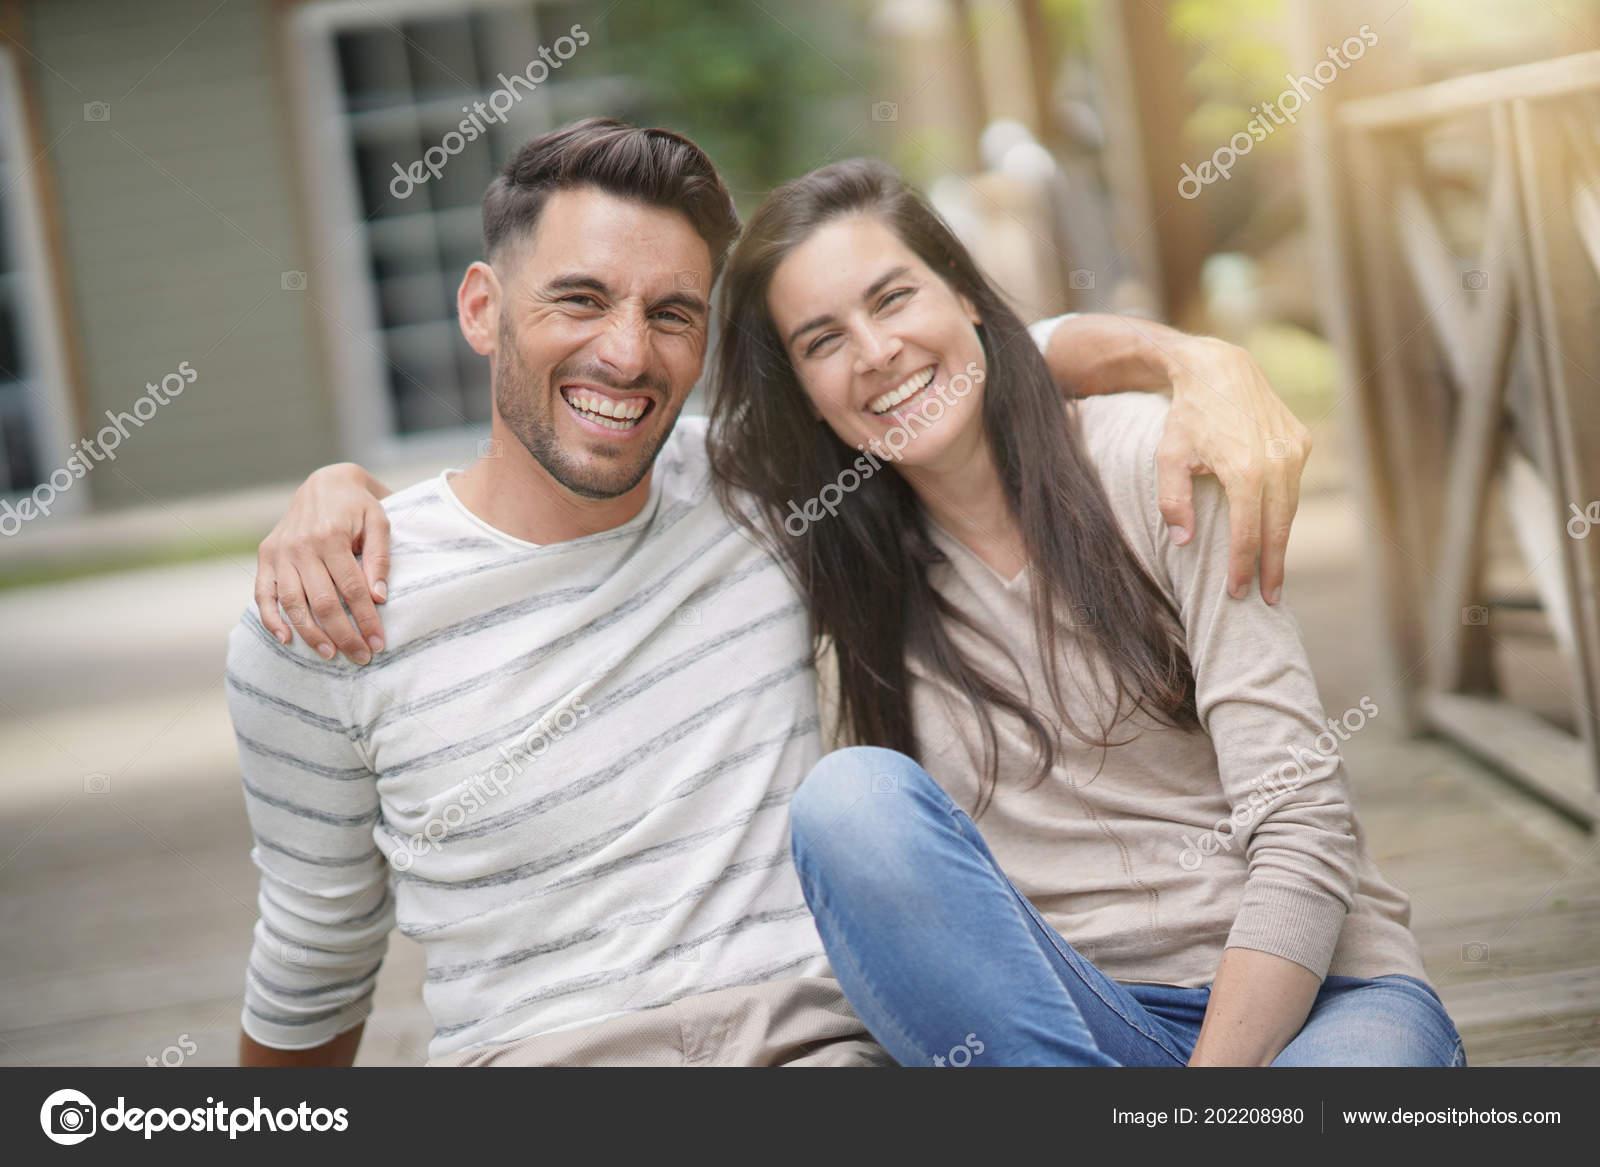 flicka dating Guy 2 år yngre